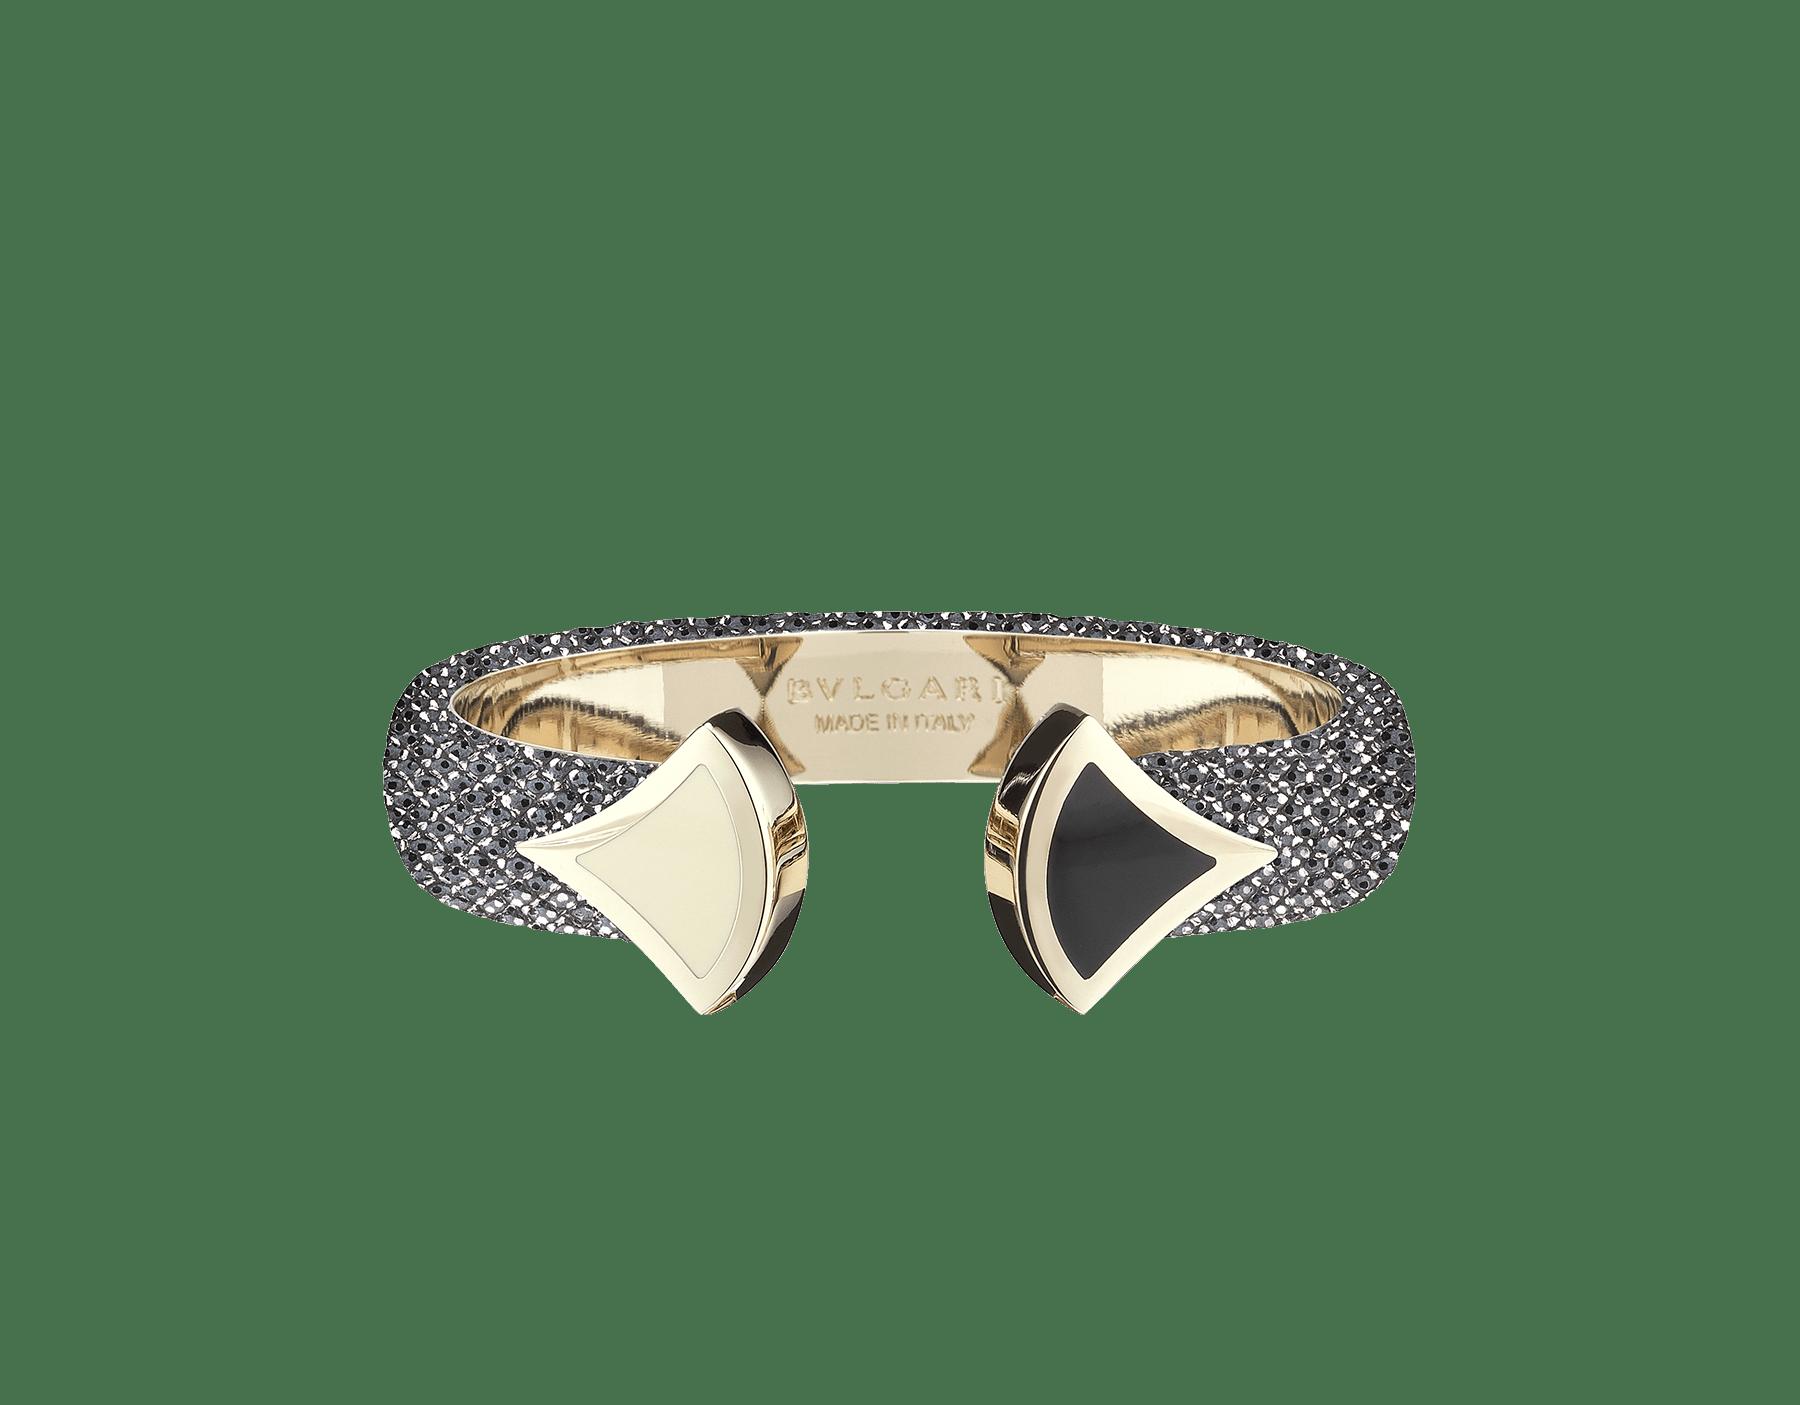 Pulsera de piel de galuchat color jade glicinia con emblemático cierre Contraire con motivo DIVAS' DREAM de latón bañado en oro claro y esmalte blanco y negro. DIVA-CONTRAIR-S image 1